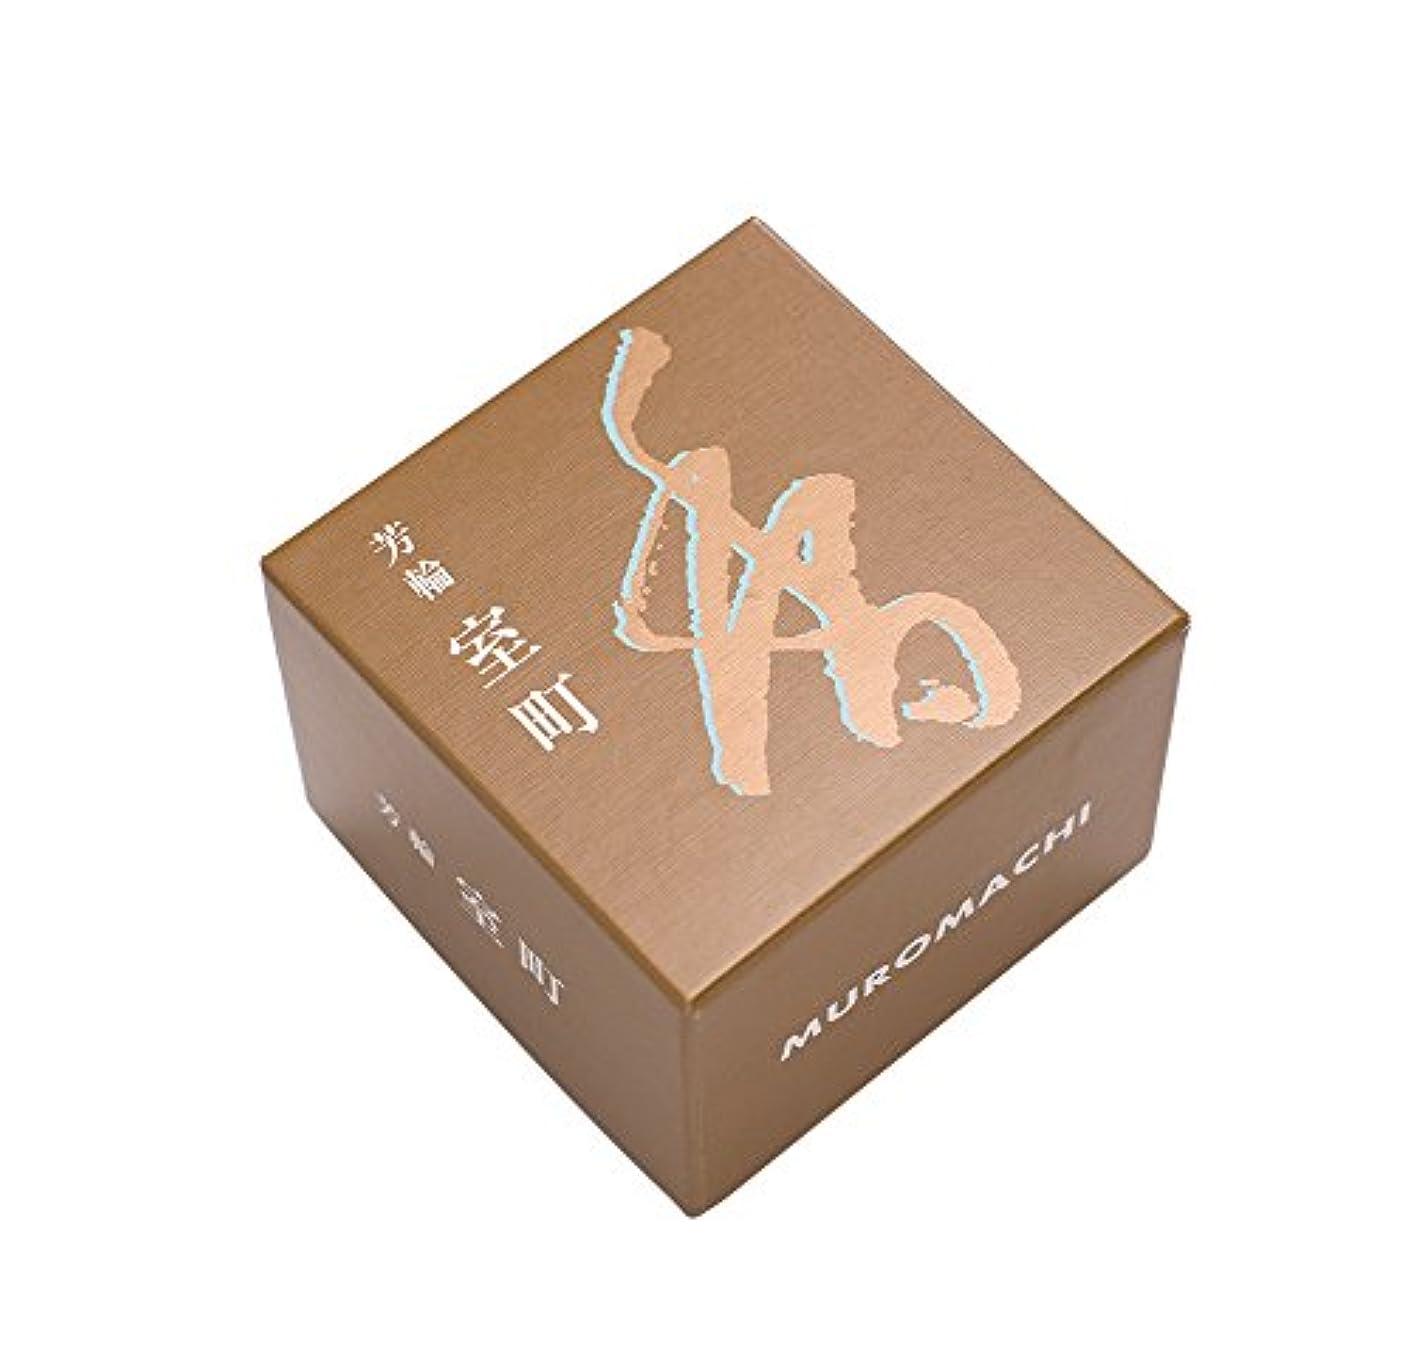 サルベージ読者事前松栄堂のお香 芳輪室町 渦巻型10枚入 うてな角型付 #210421